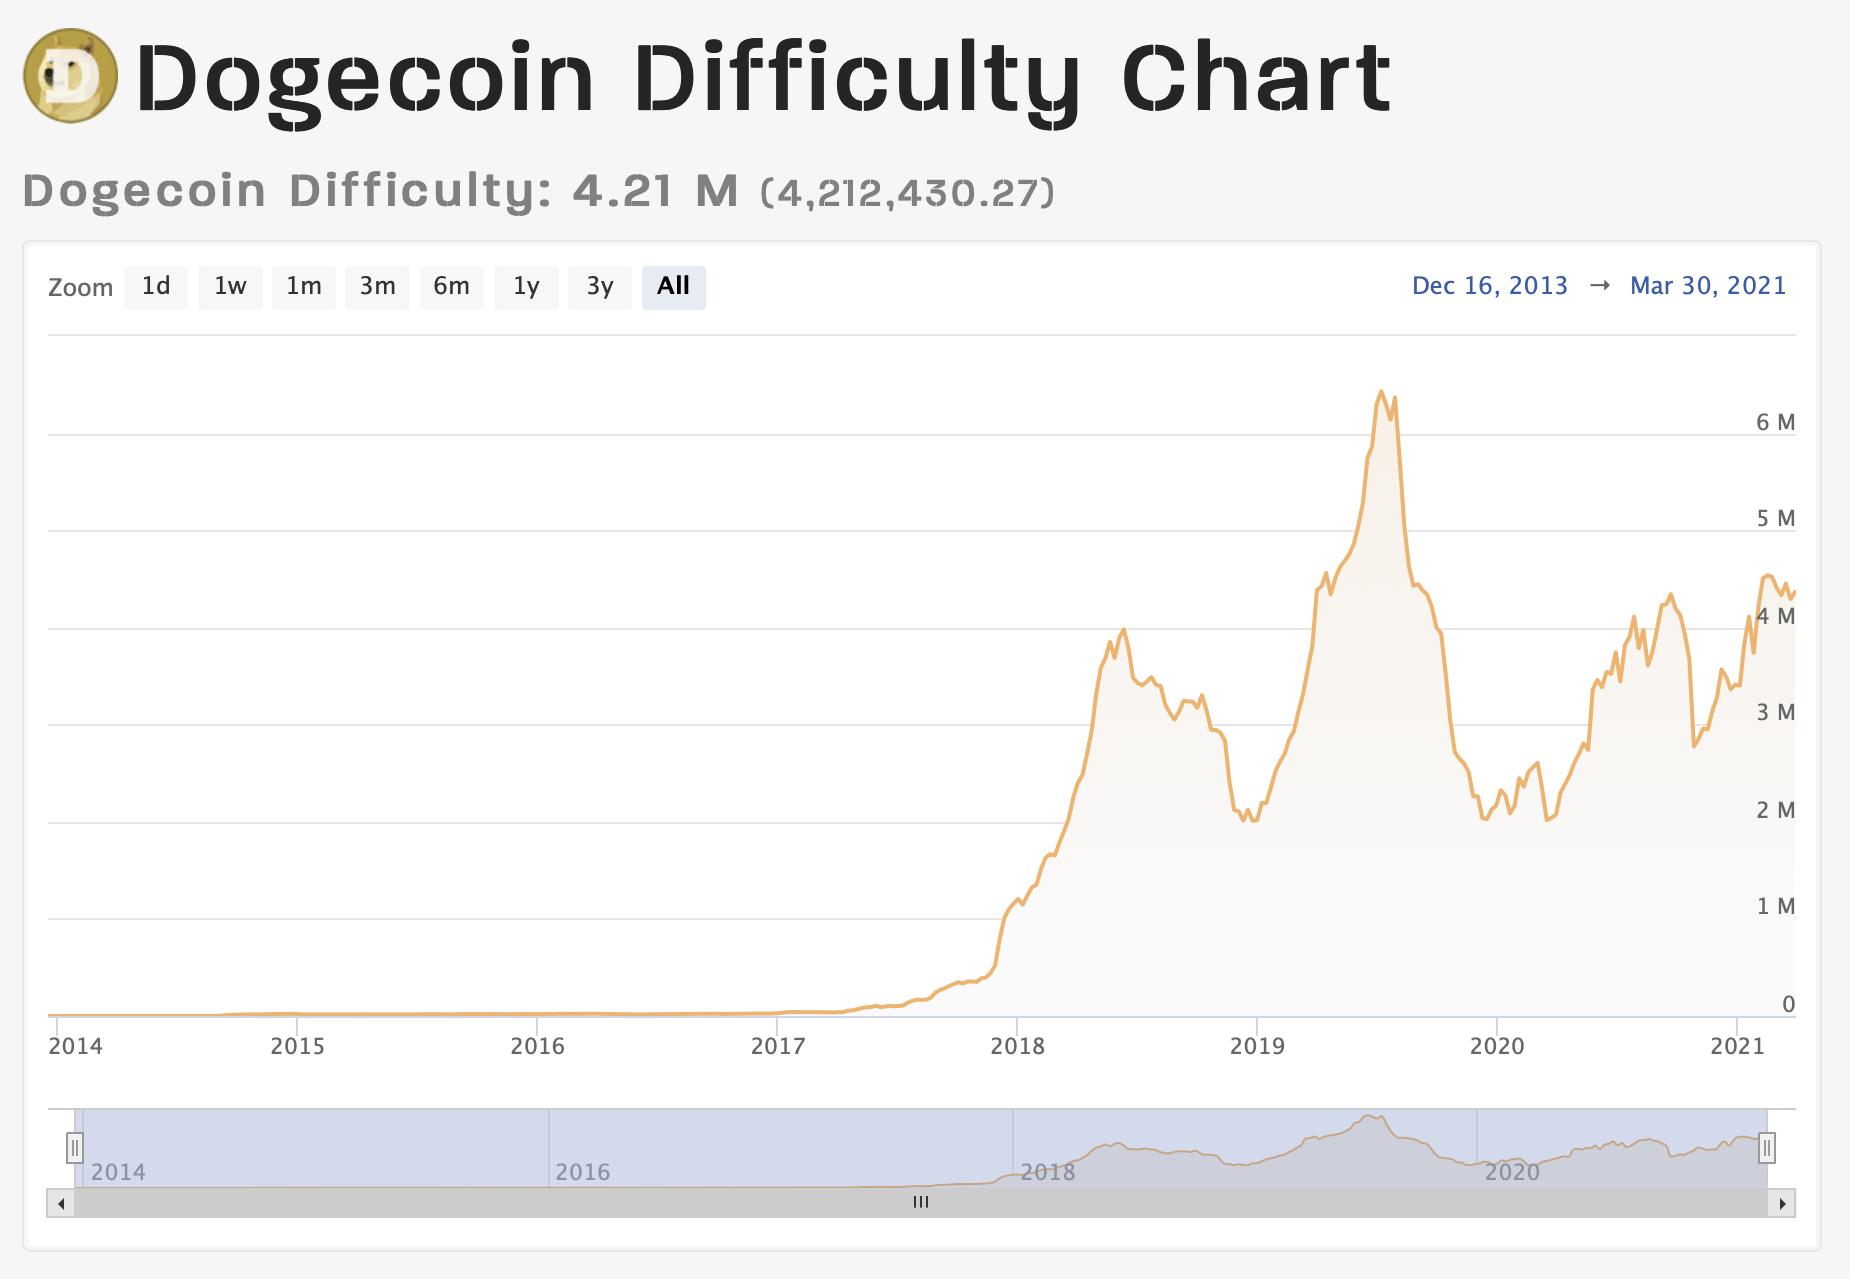 https://www.coinwarz.com/mining/dogecoin/difficulty-chart